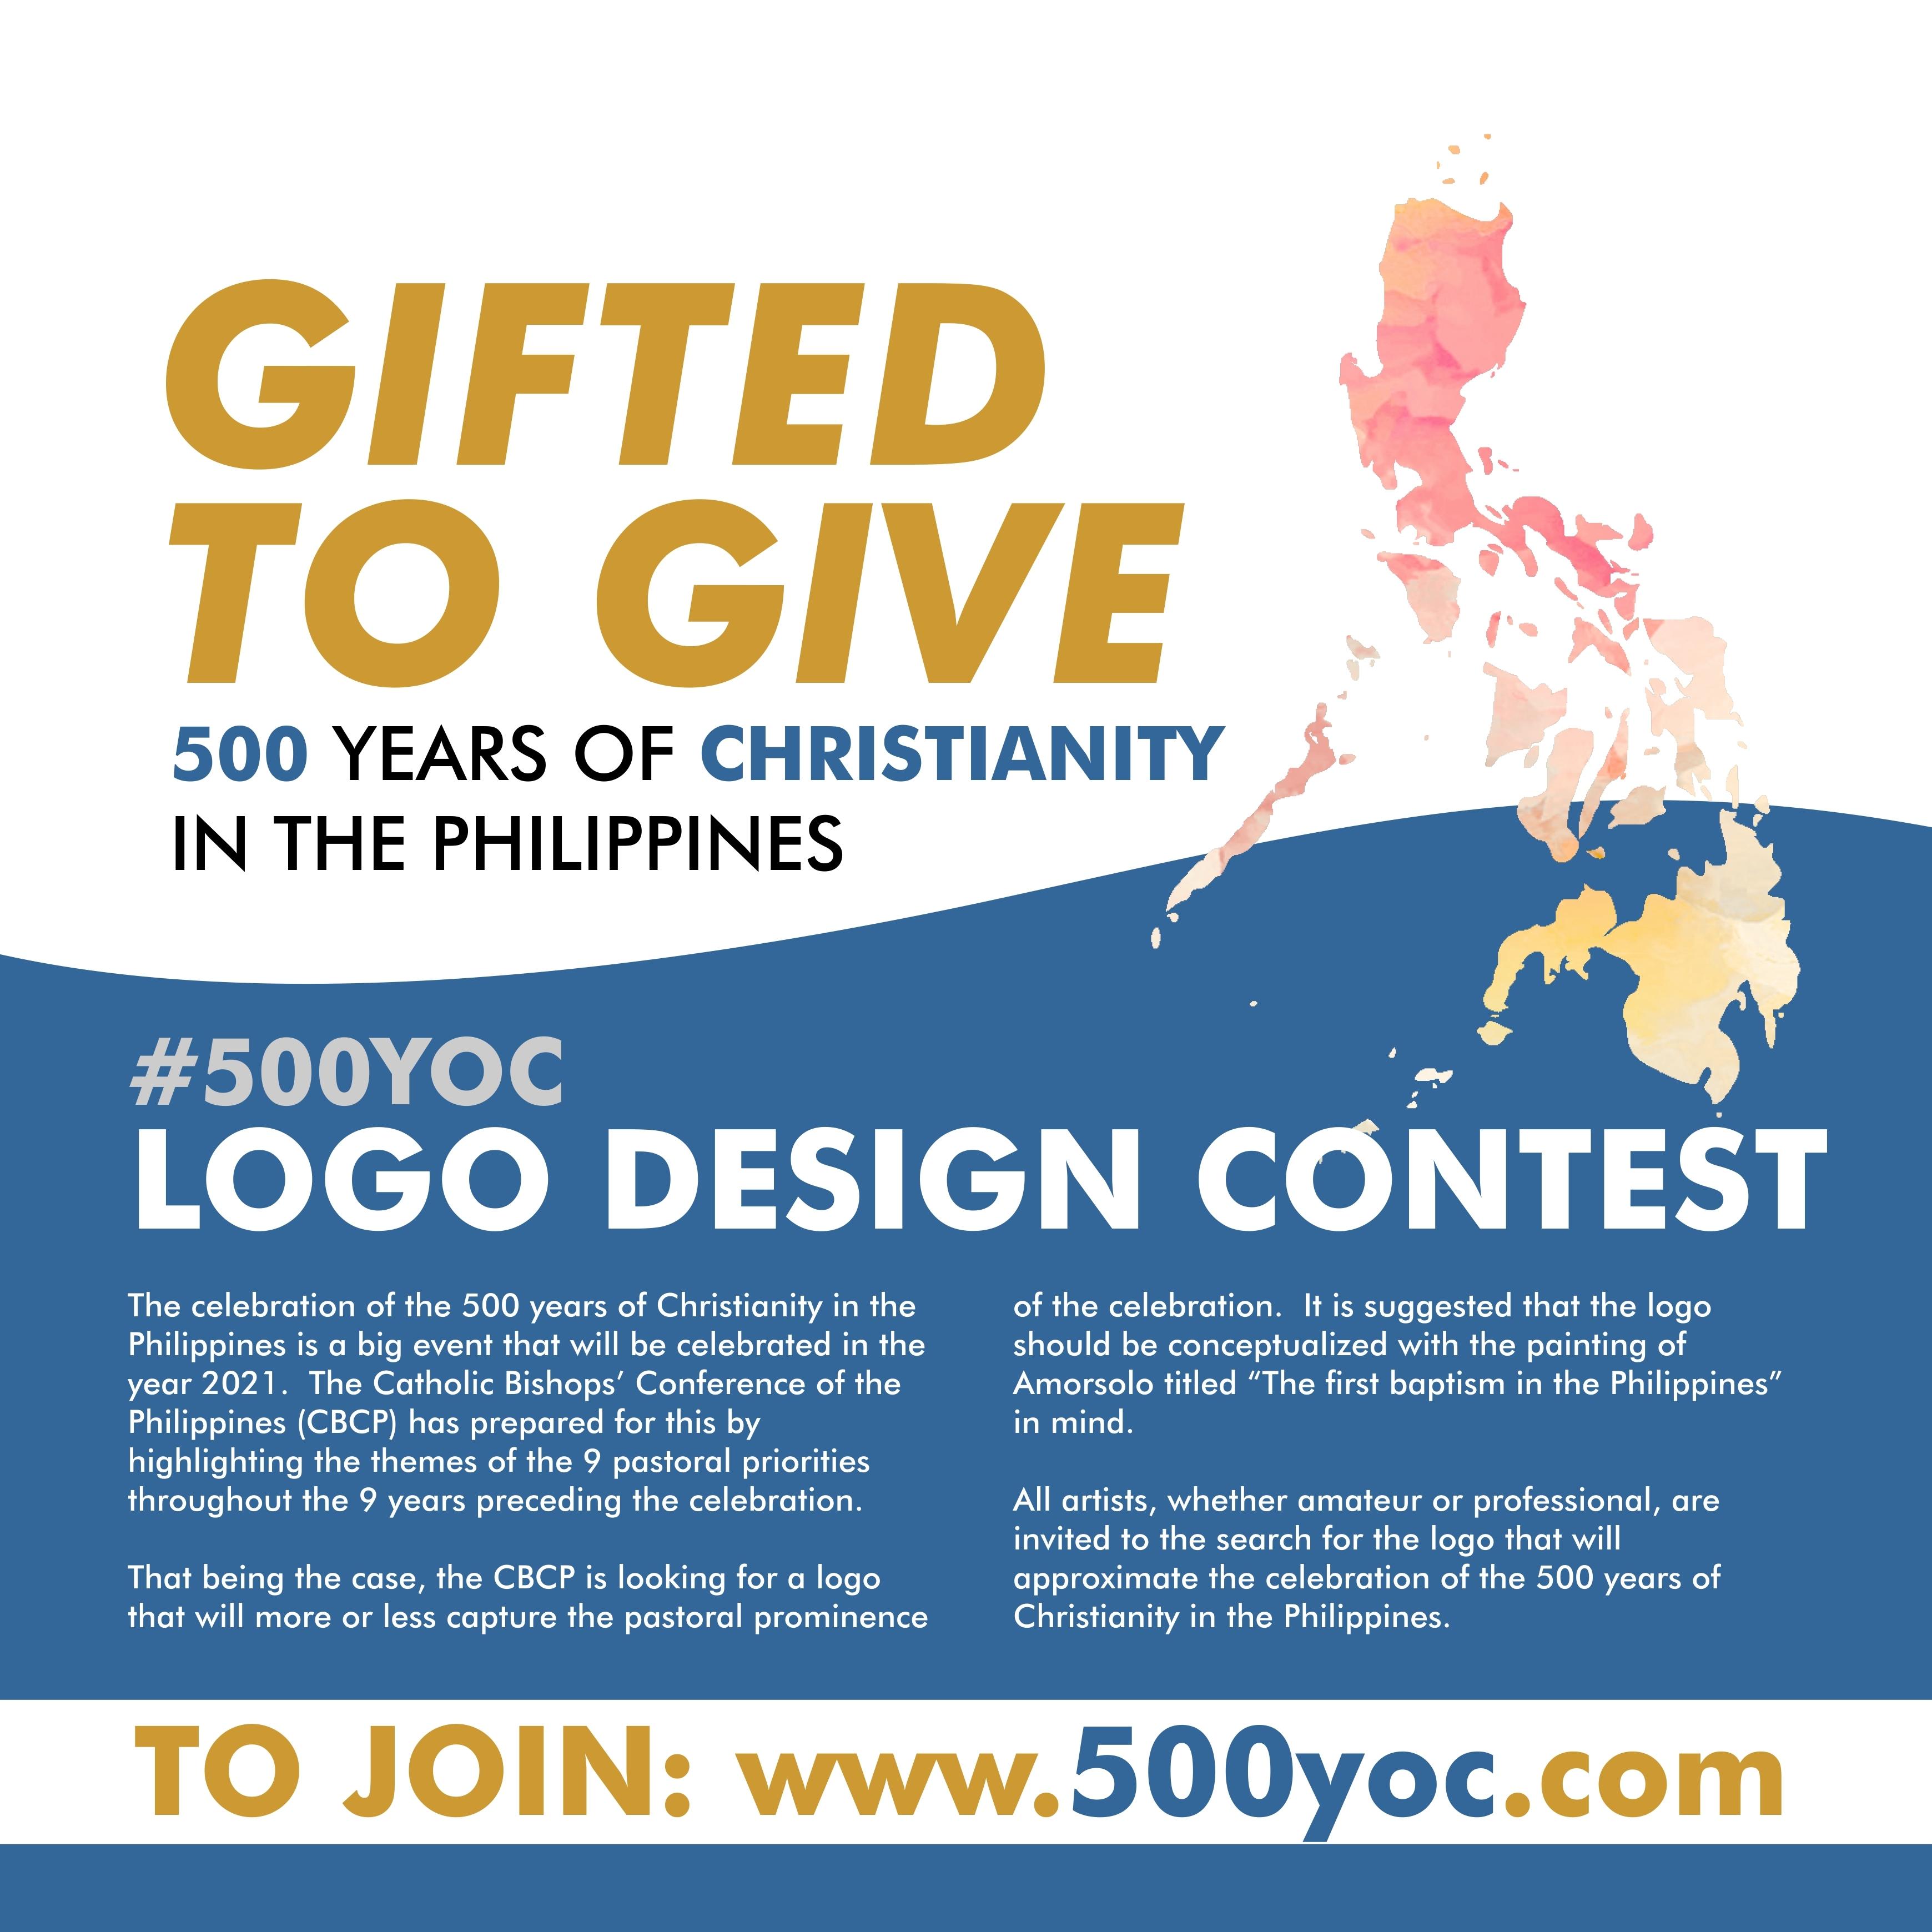 500 YOC Logo Design Contest